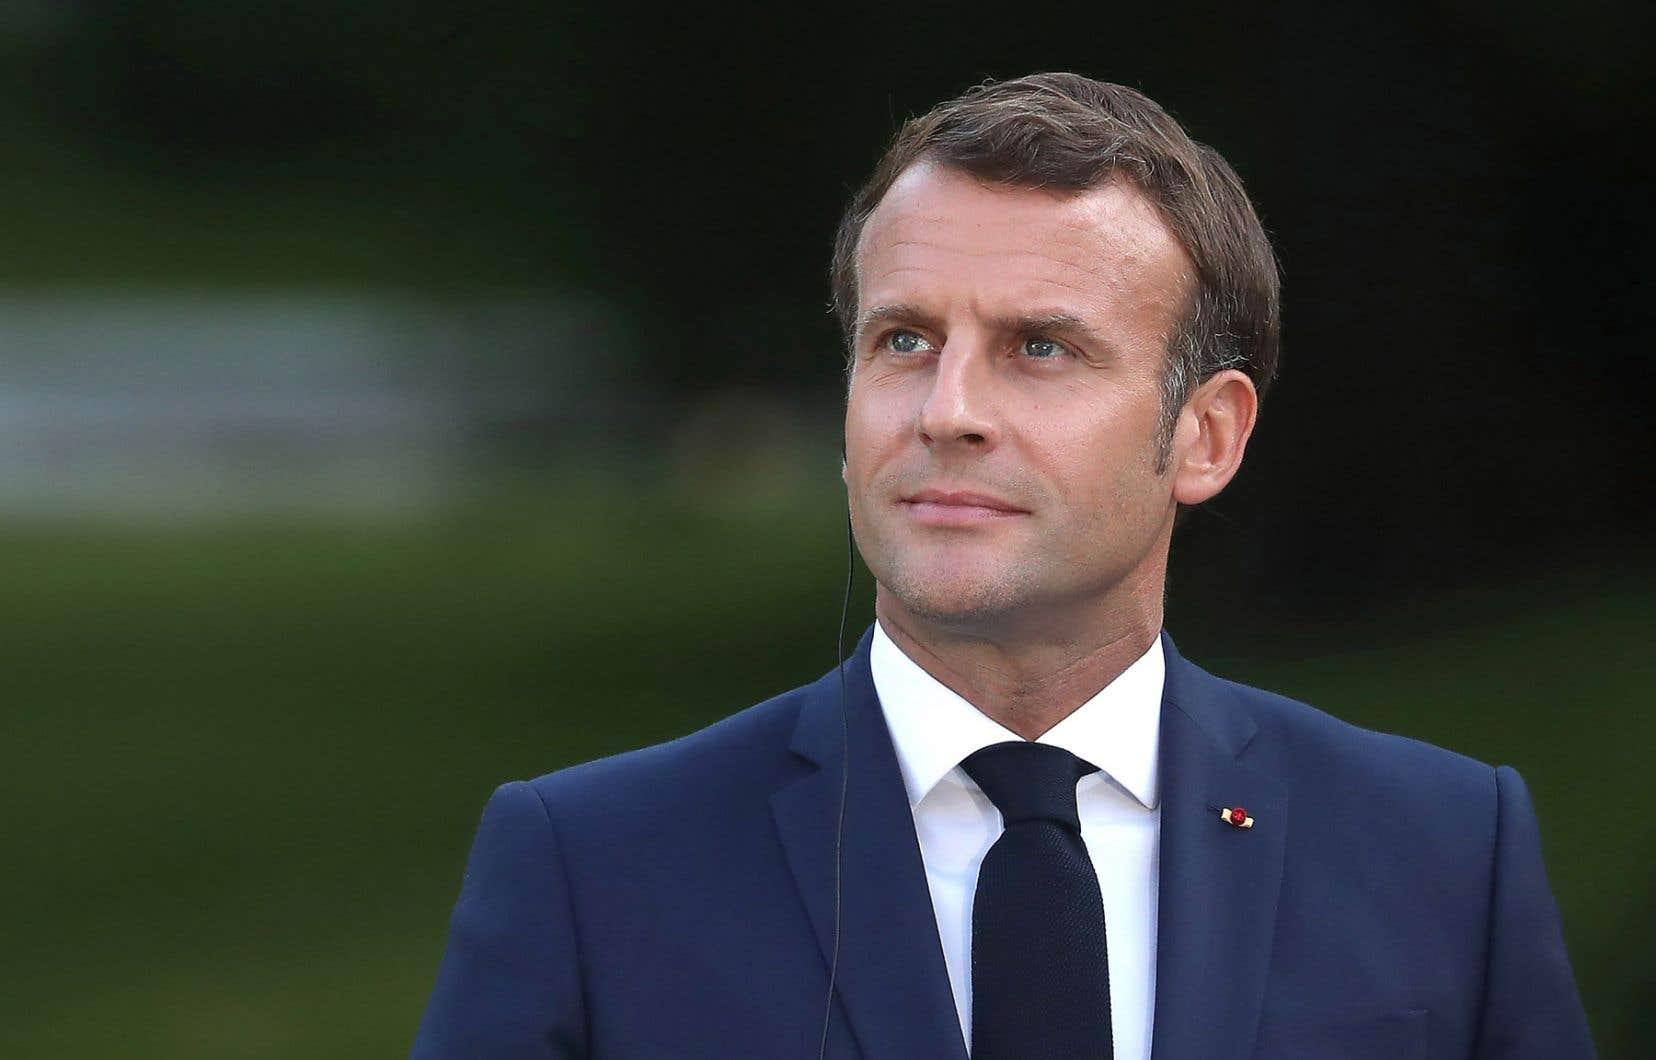 Avec le nouveau gouvernement Castex annoncé lundi, Emmanuel Macron entame la dernière ligne droite de son quinquennat avant l'échéance de 2022.